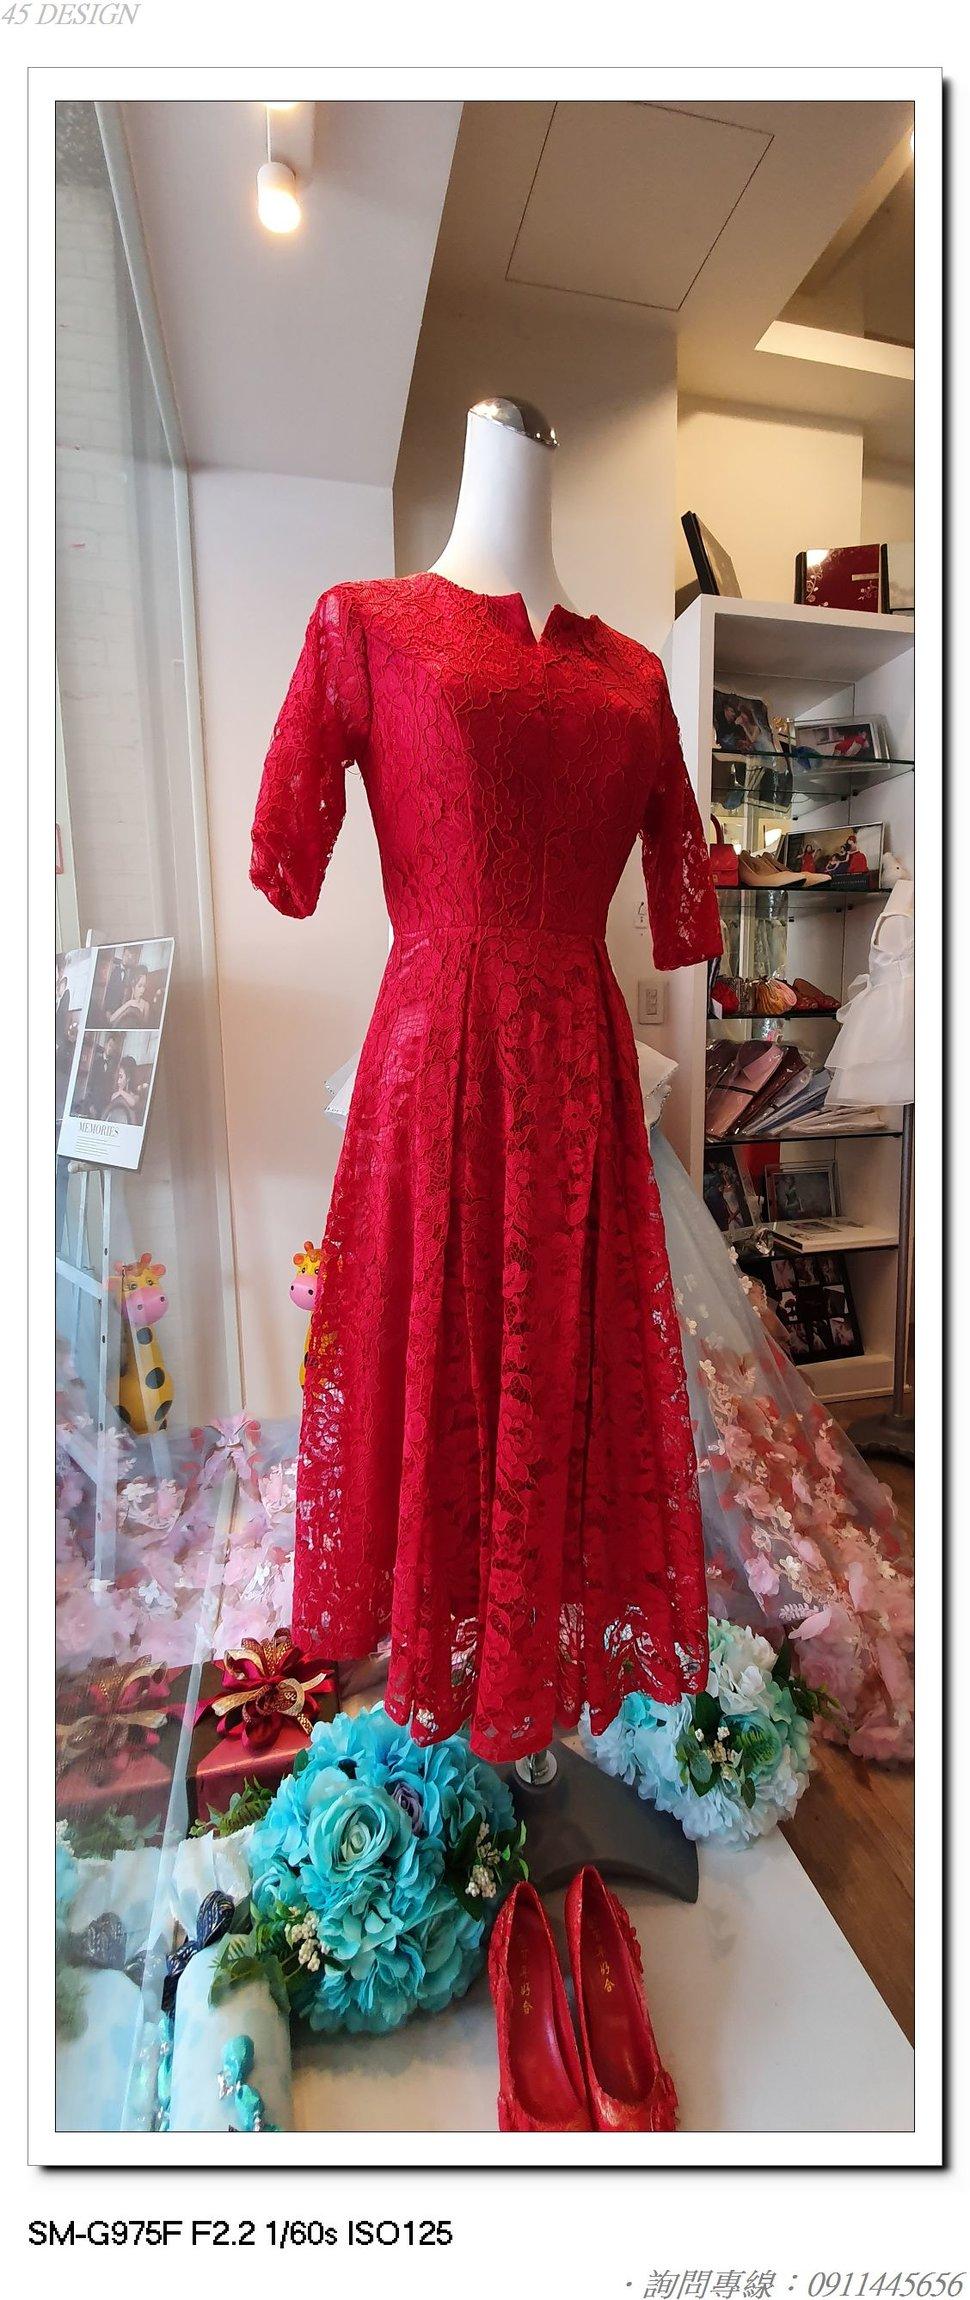 20200210_103417 - 全台最便宜-45DESIGN四五婚紗禮服《結婚吧》